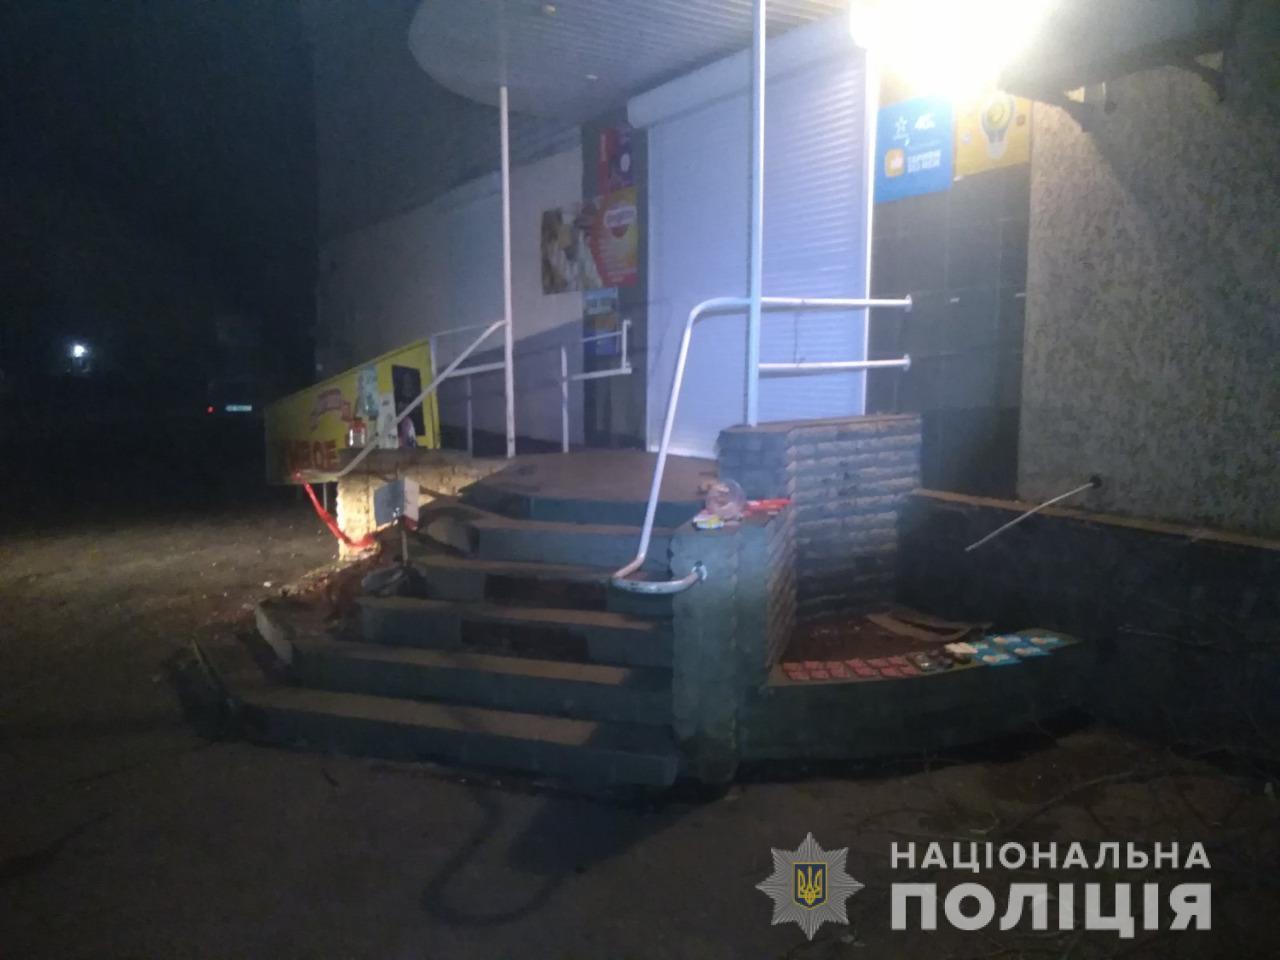 На Харьковщине три подростка украли из магазина алкоголь и карточки для пополнения счета (фото)